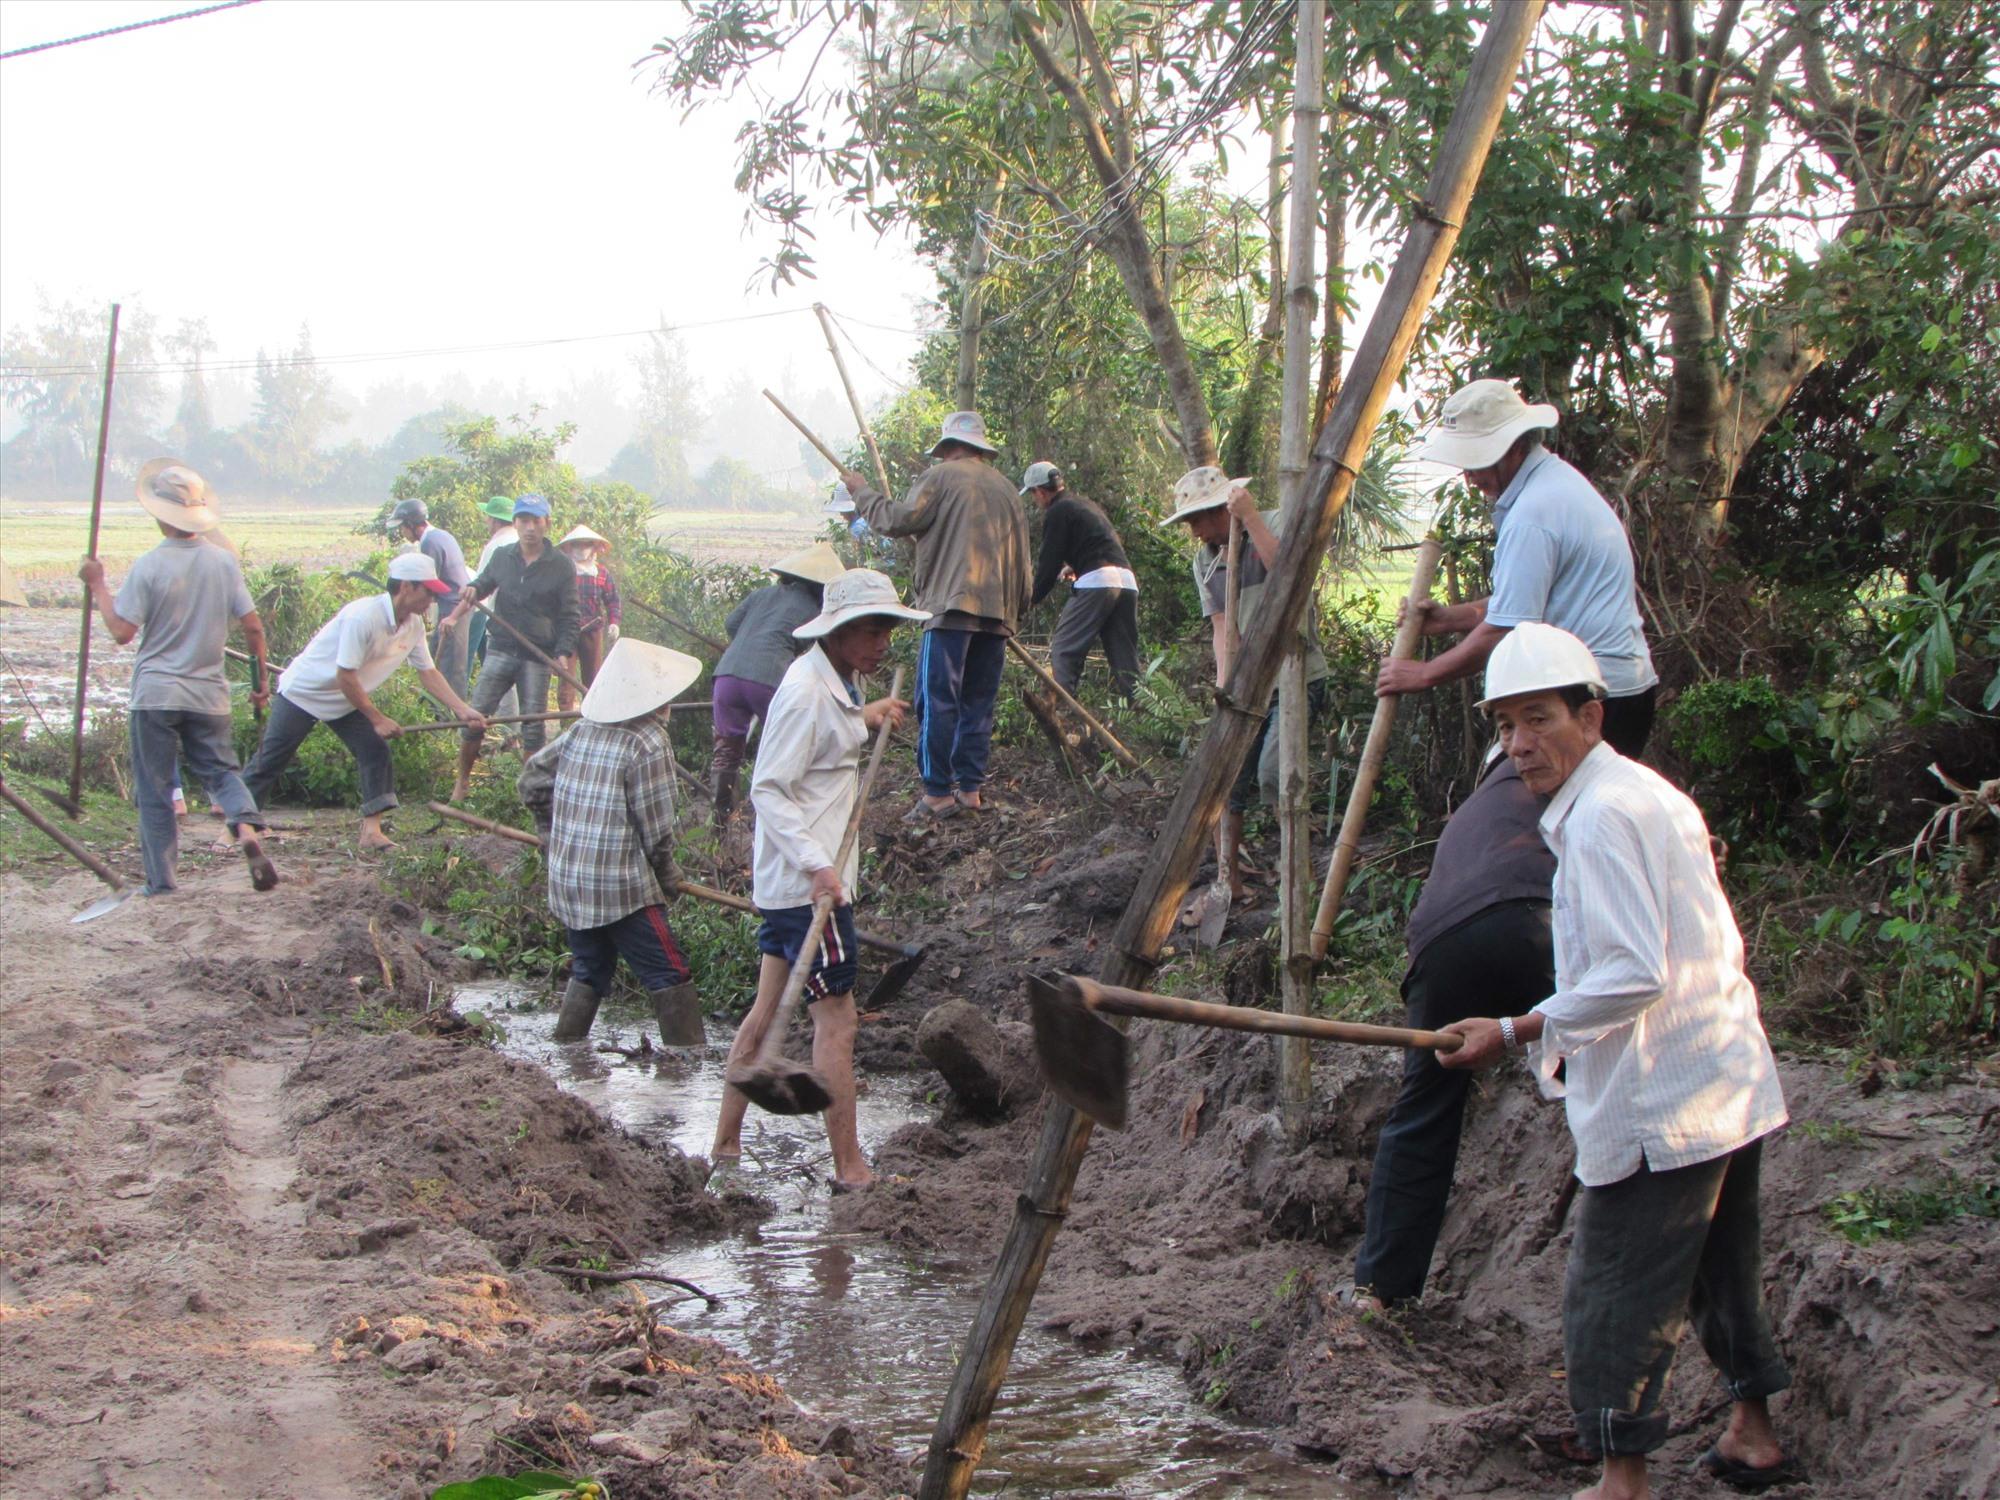 Nông dân Núi Thành khơi thông kênh mương nội đồng, xây dựng nông thôn mới. Ảnh: VĂN PHIN